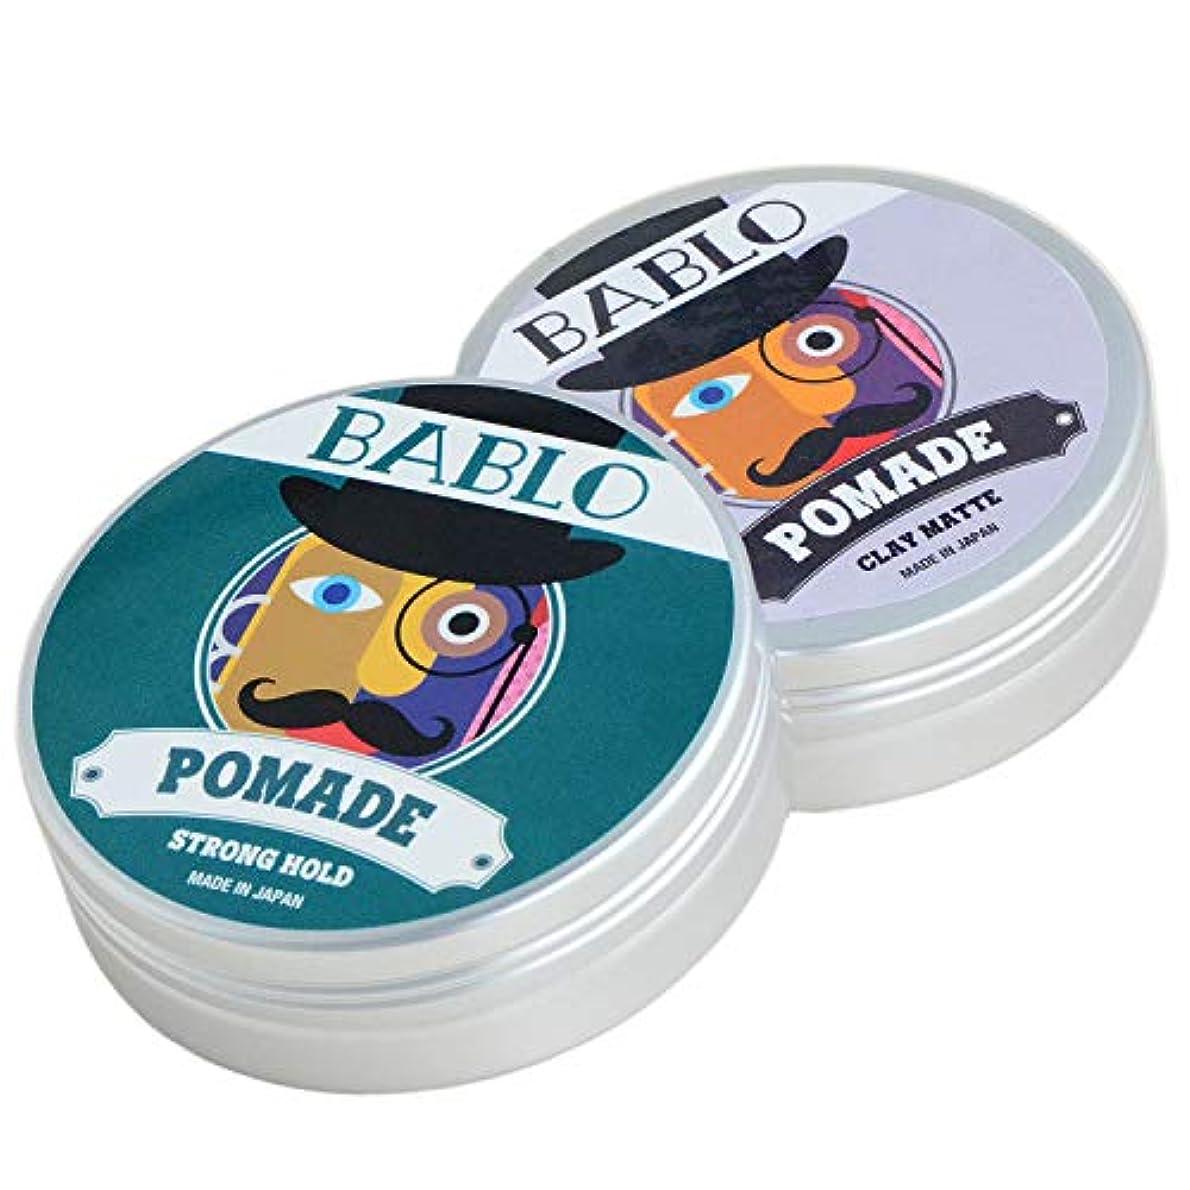 ブローホール植木介入するバブロ ポマード(BABLO POMADE) ストロング ホールド メンズ 整髪料 水性 ヘアグリース (単品&クレイマットセット)